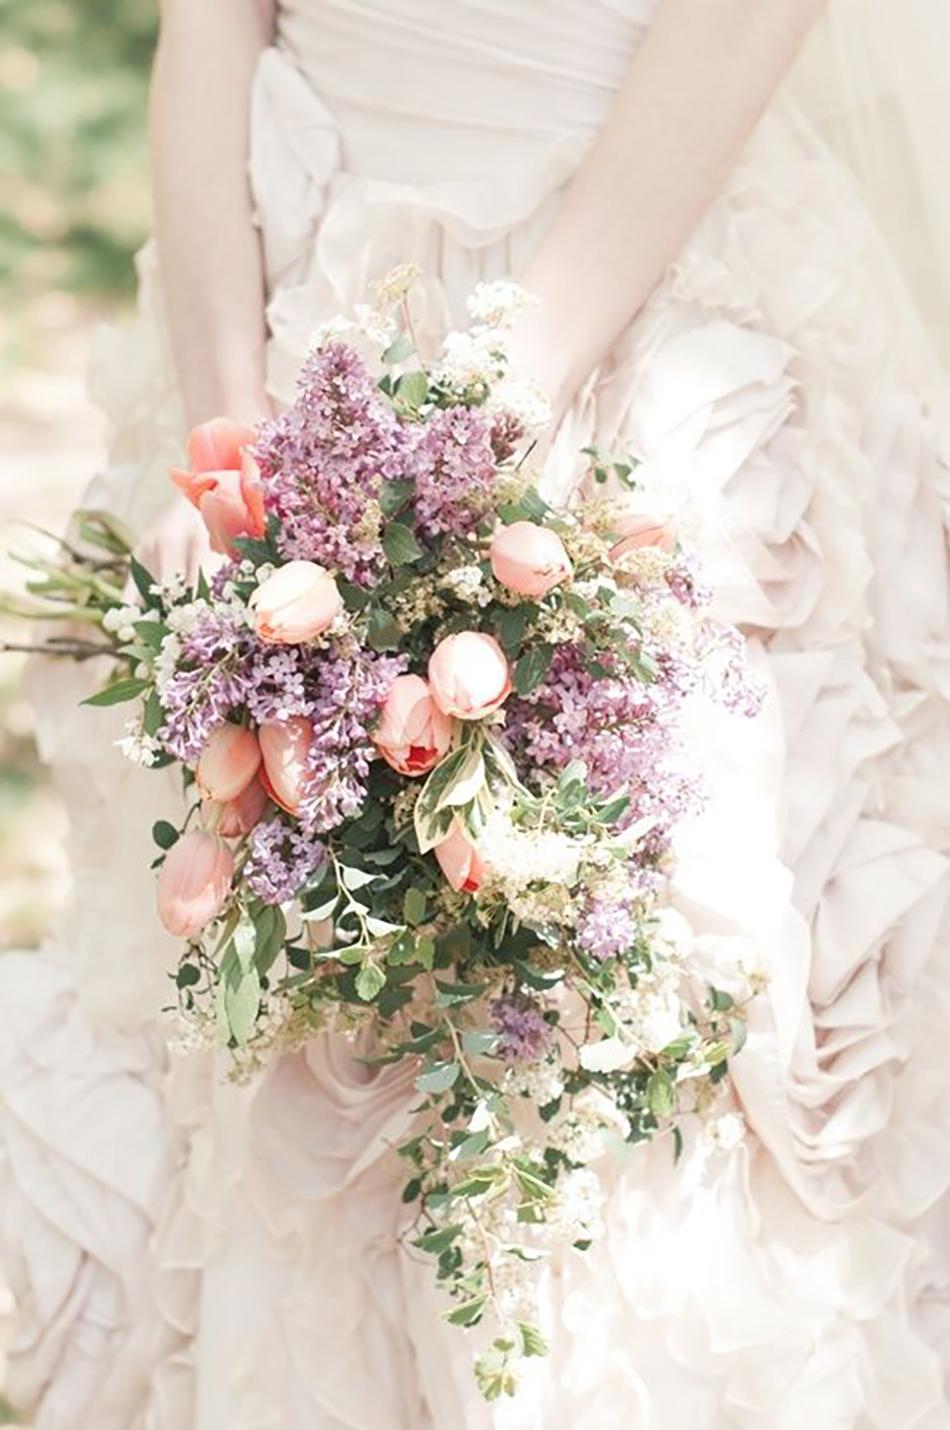 The 10 best Valentine's wedding bouquets